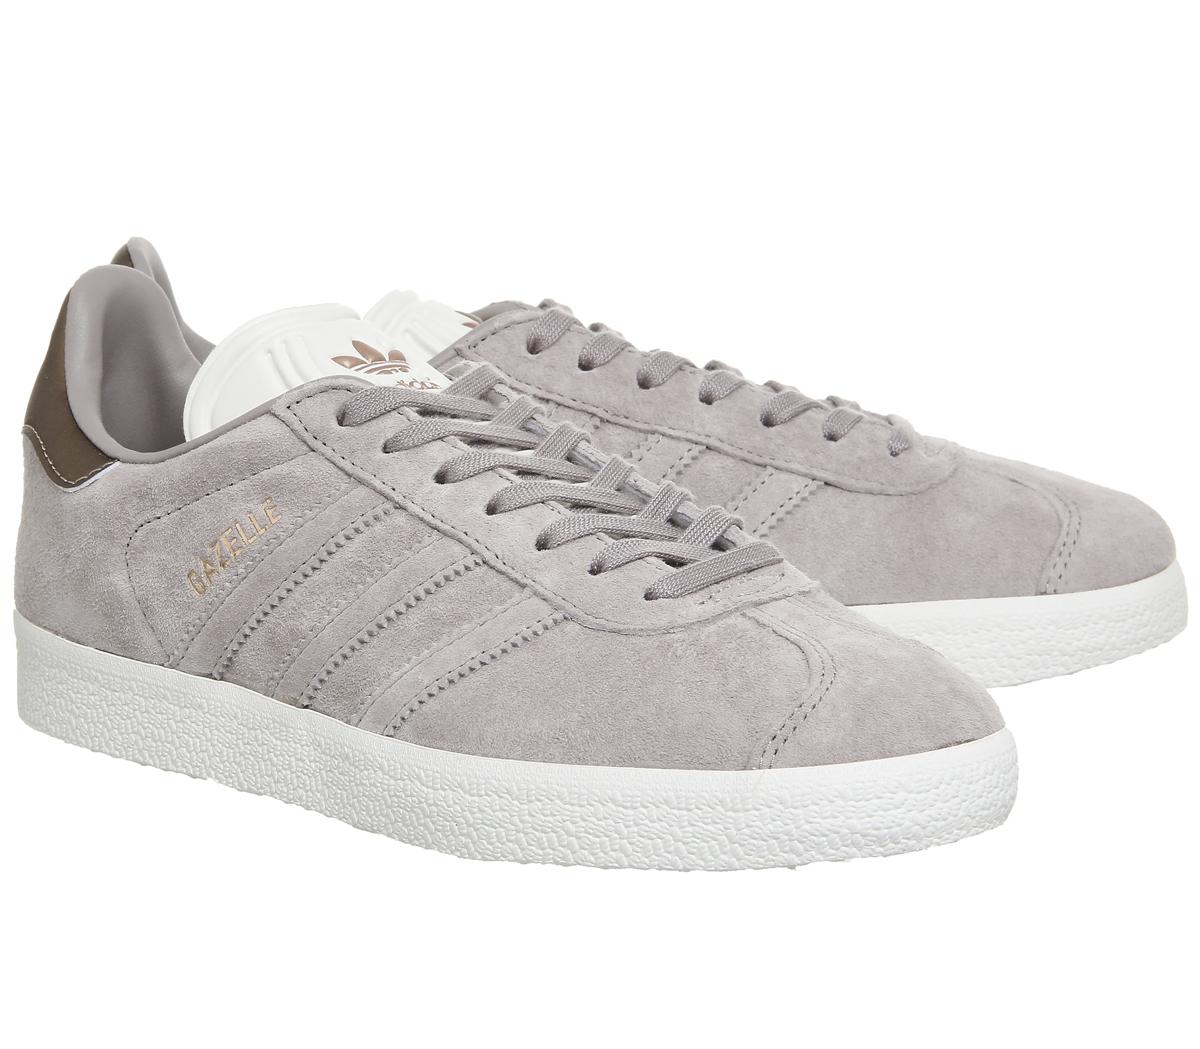 Damenschuhe Adidas Gazelle Grau Trainers Vapour Grau Gazelle Off Wei  Copper Exclusive Trainers S bc3ca9